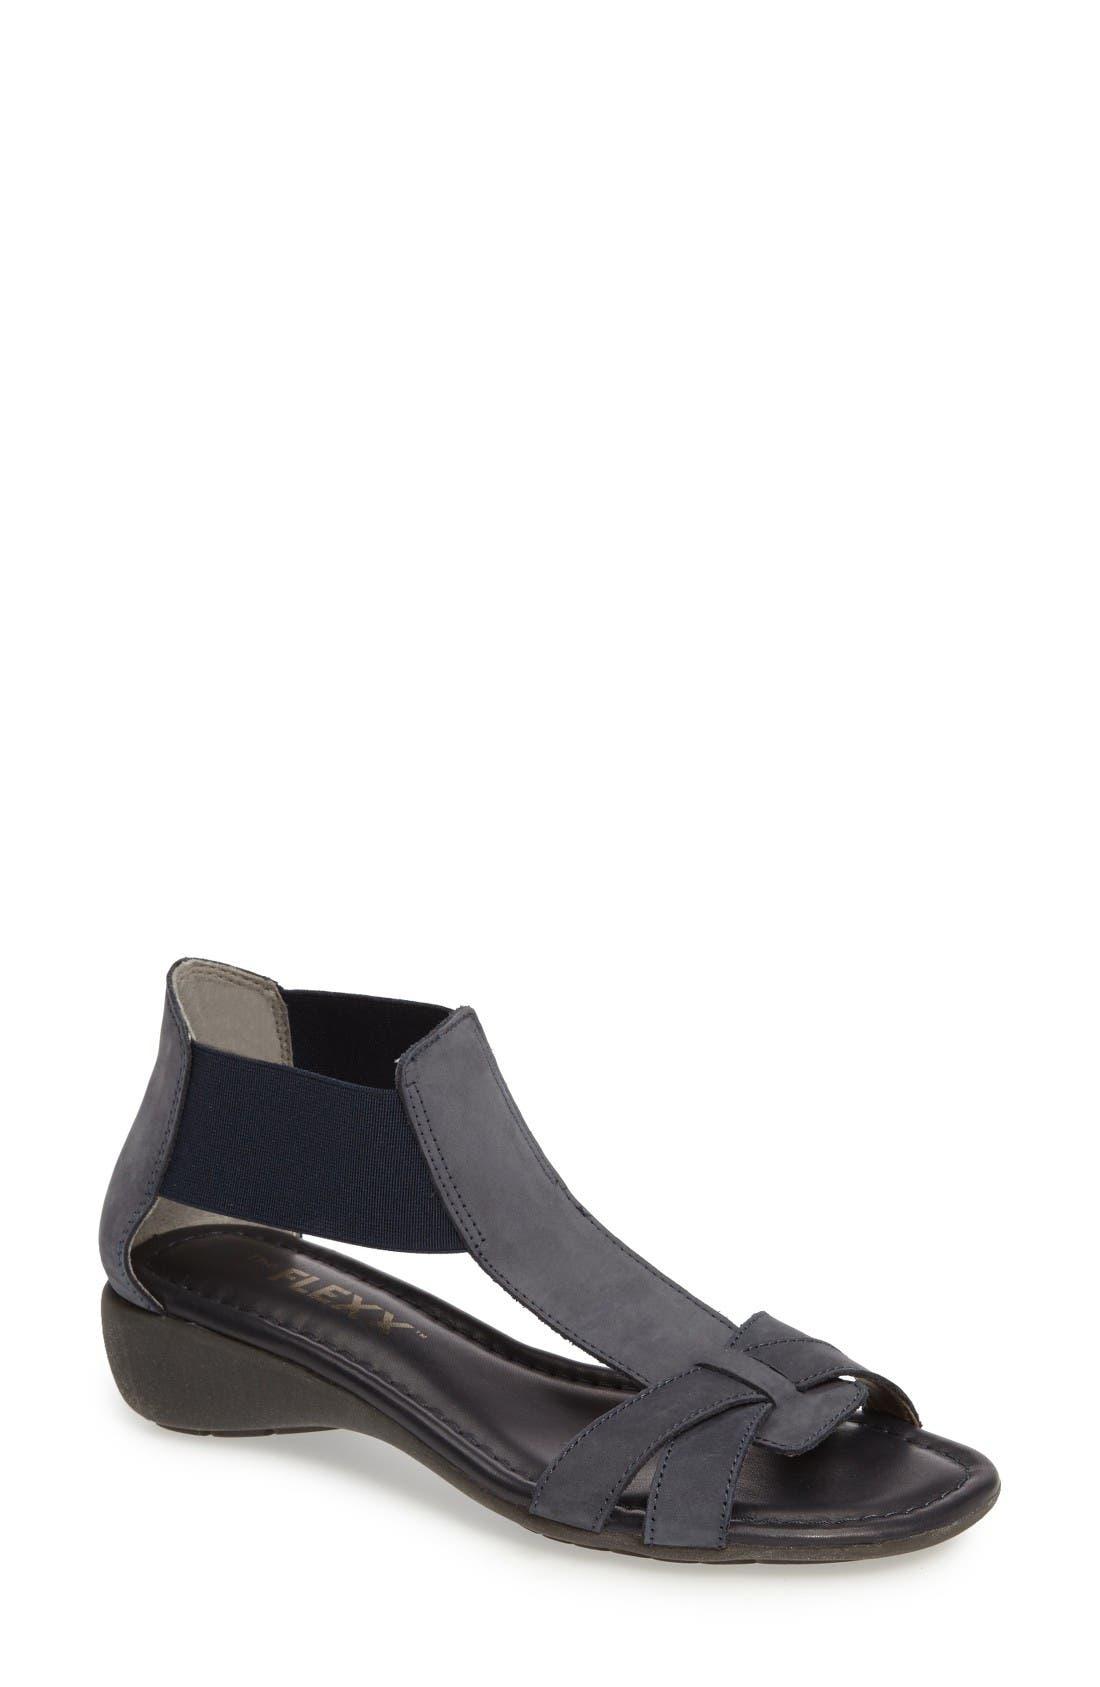 8ddc536d8009 Women s The FLEXX Shoes